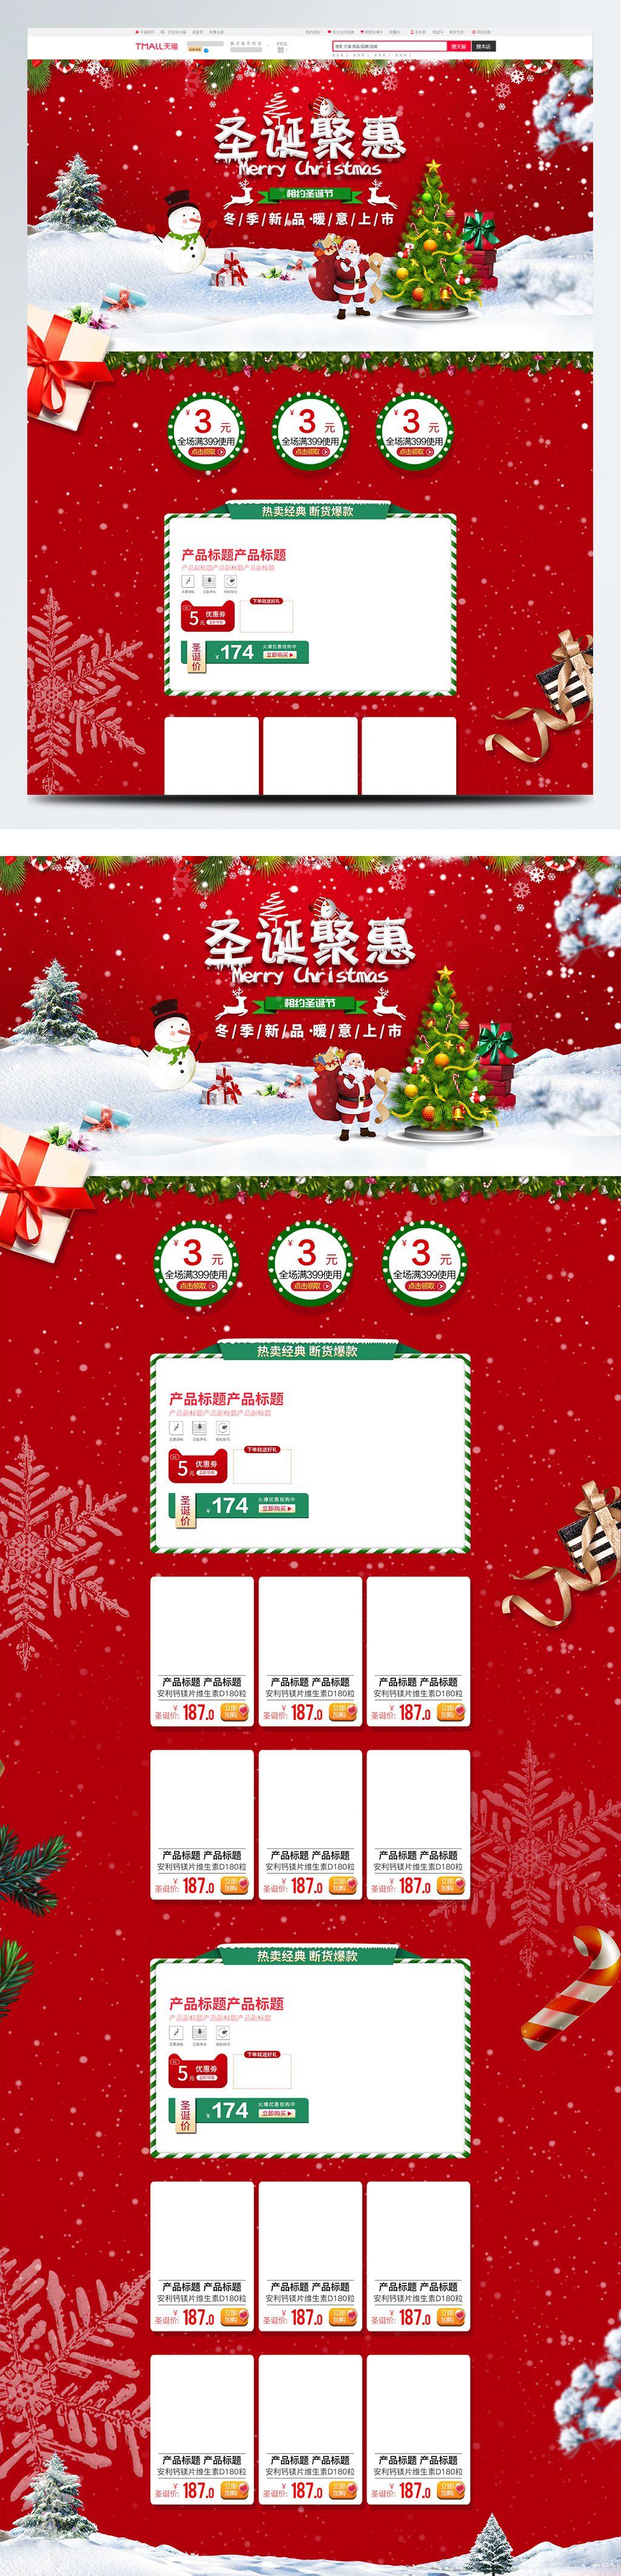 圣诞聚惠红色背景圣诞节电商首页模板